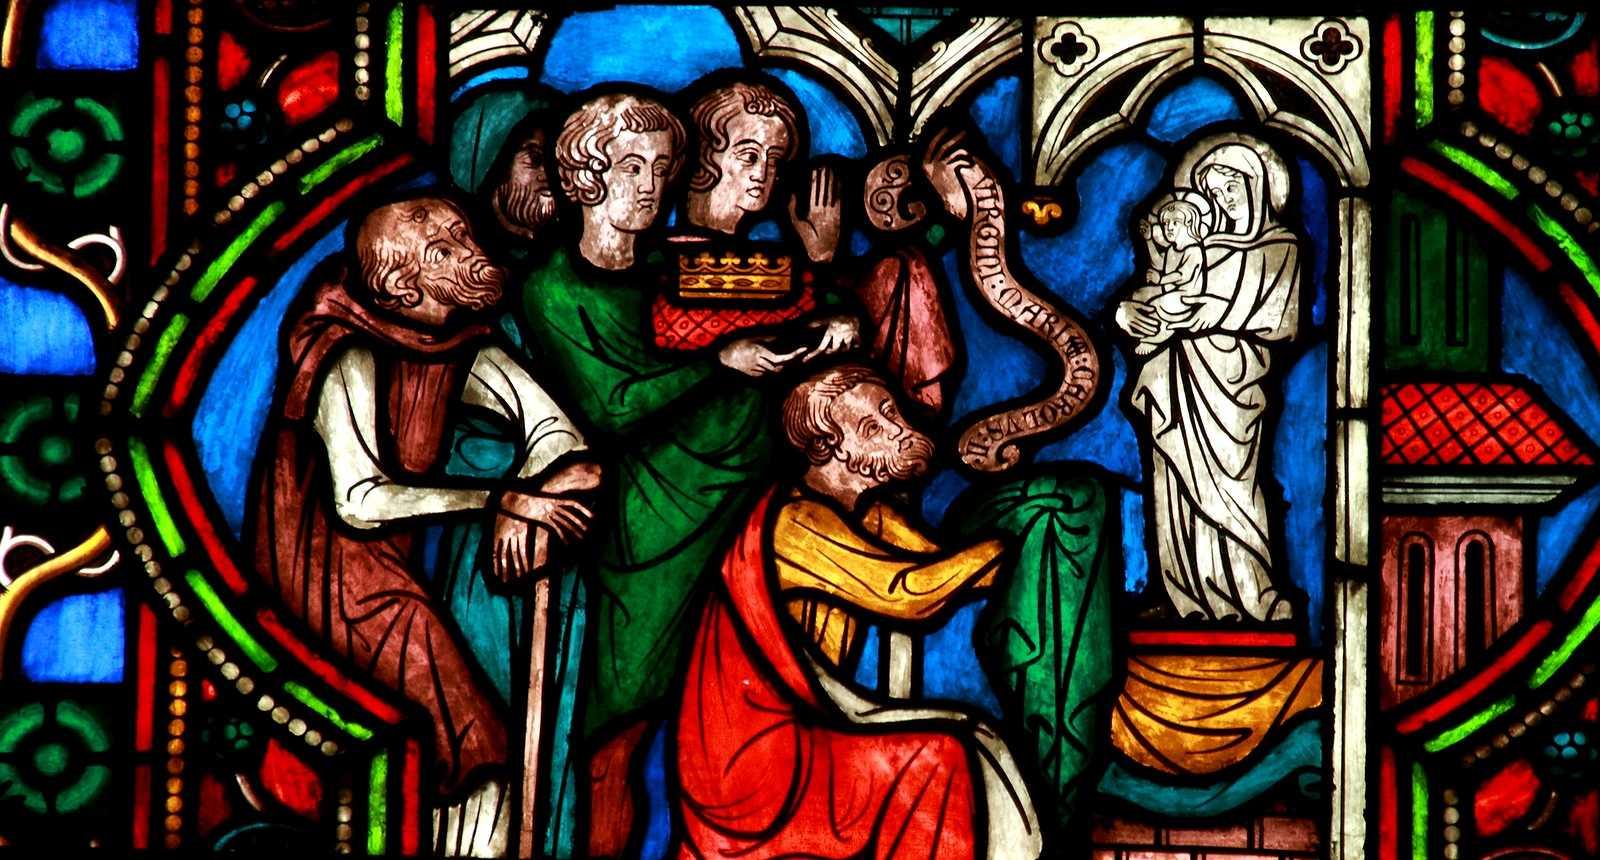 Les vitraux de la Cathédrale Notre-Dame de Paris